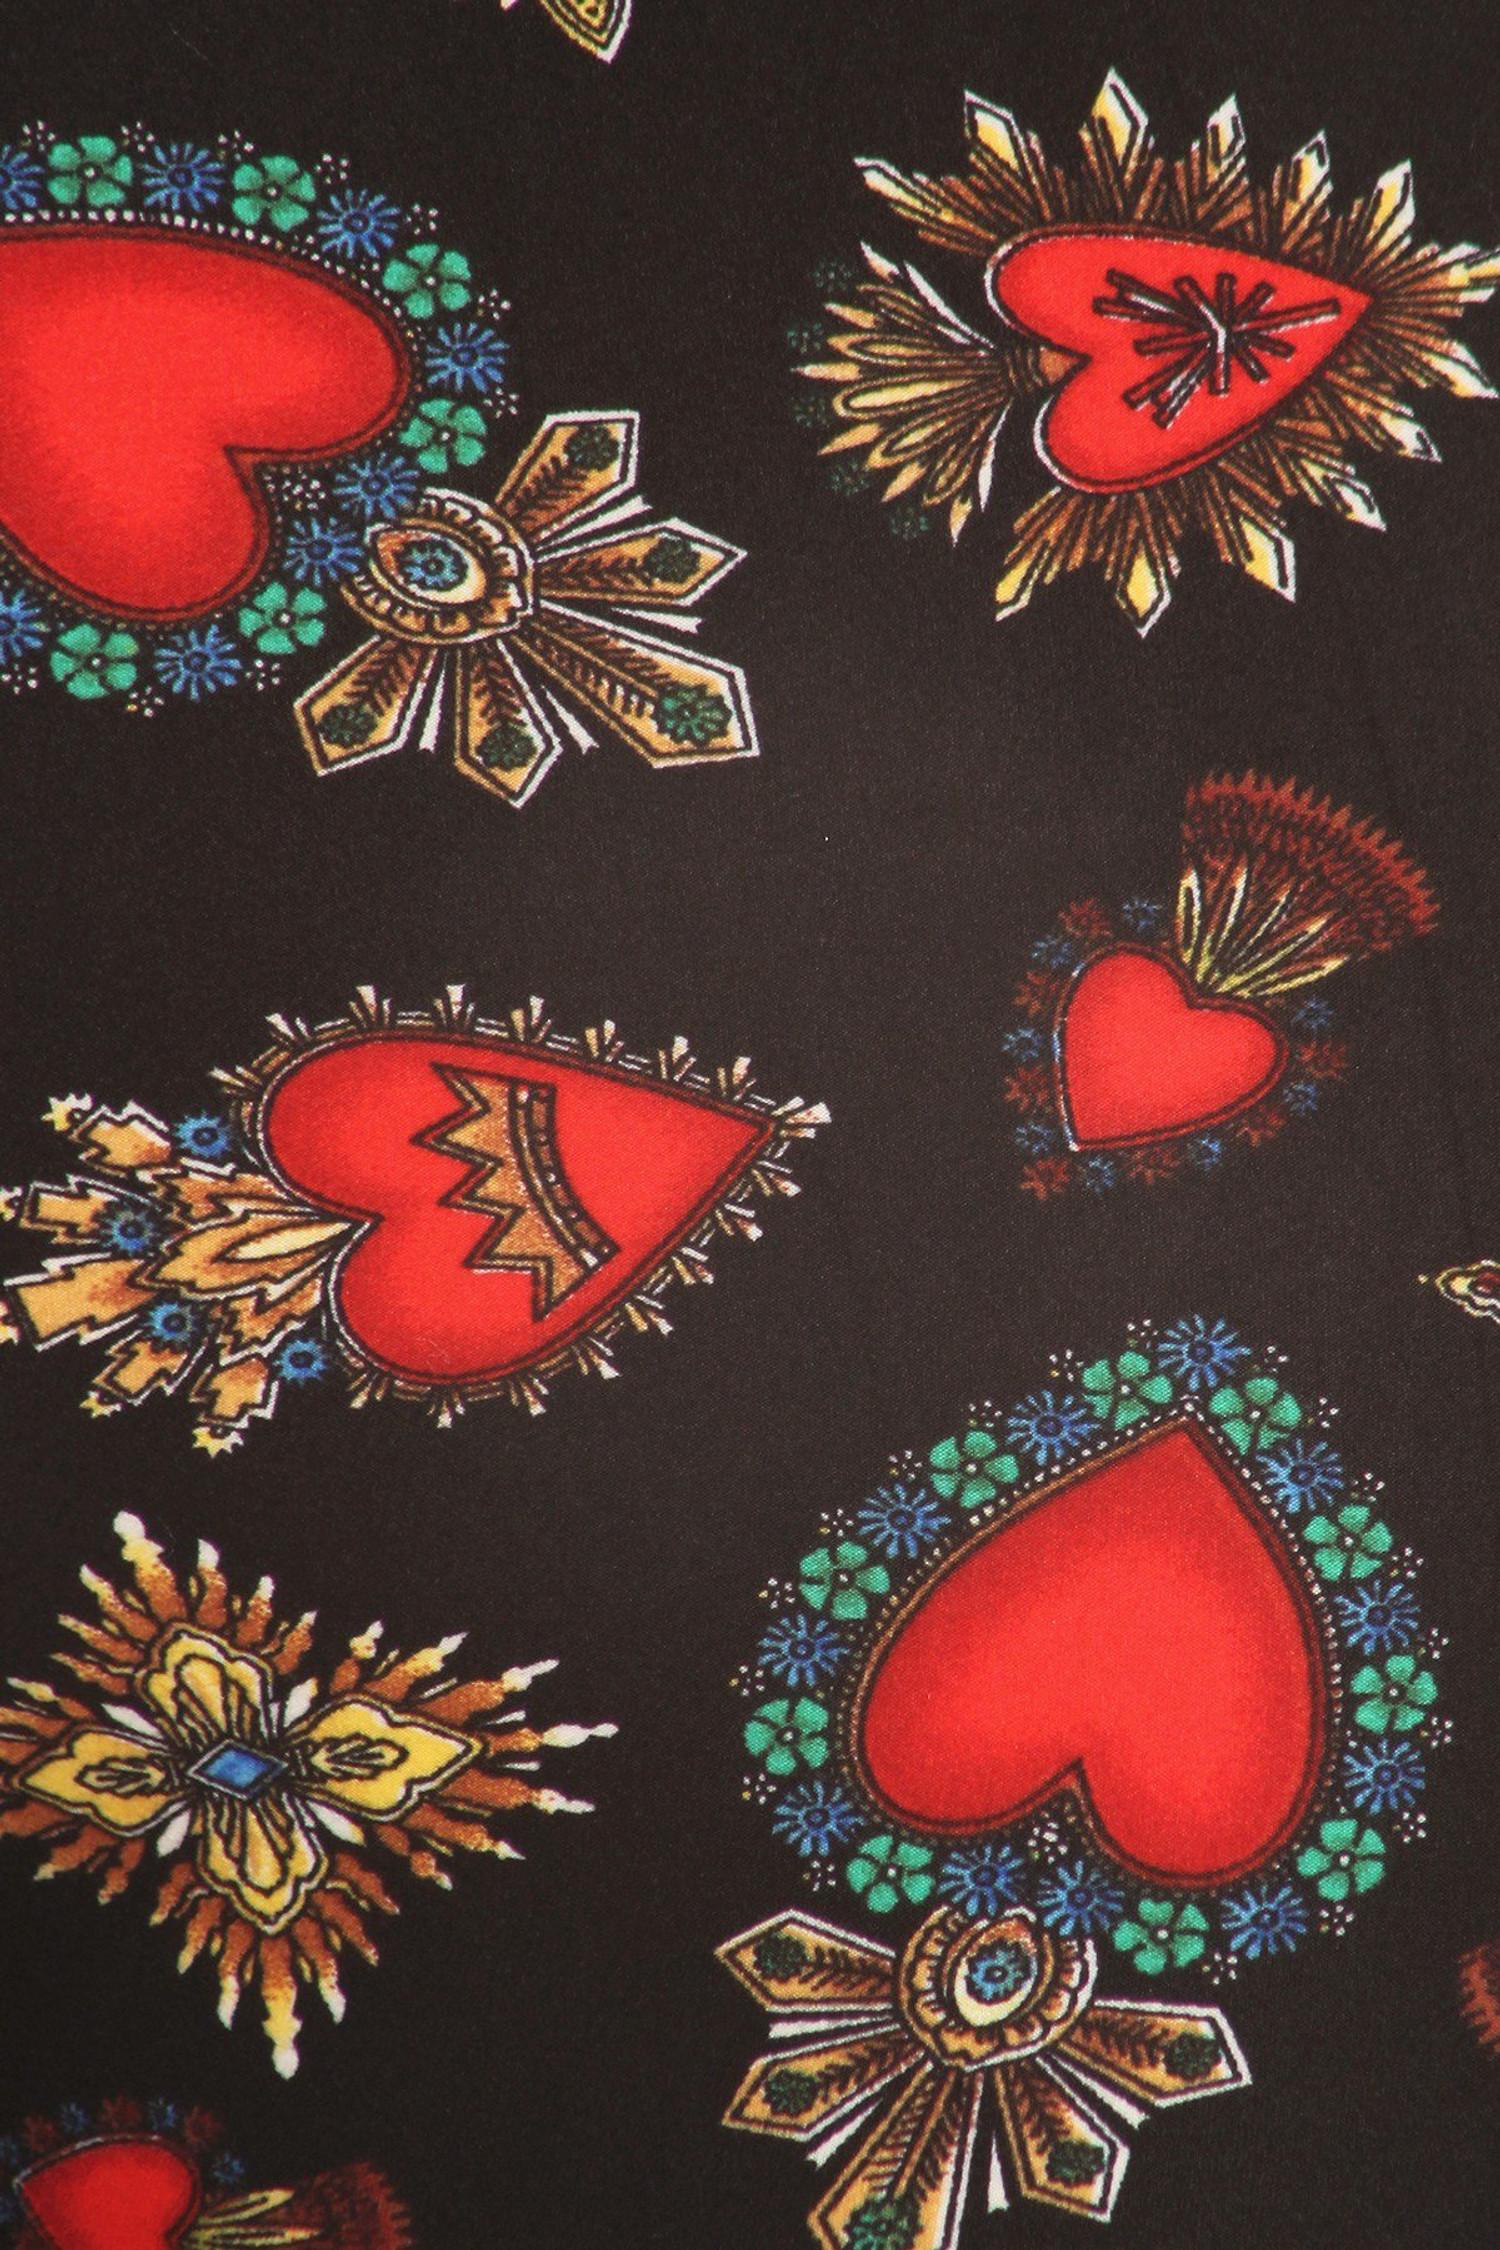 Brushed Jeweled Hearts Extra Plus Size Leggings - 3X-5X